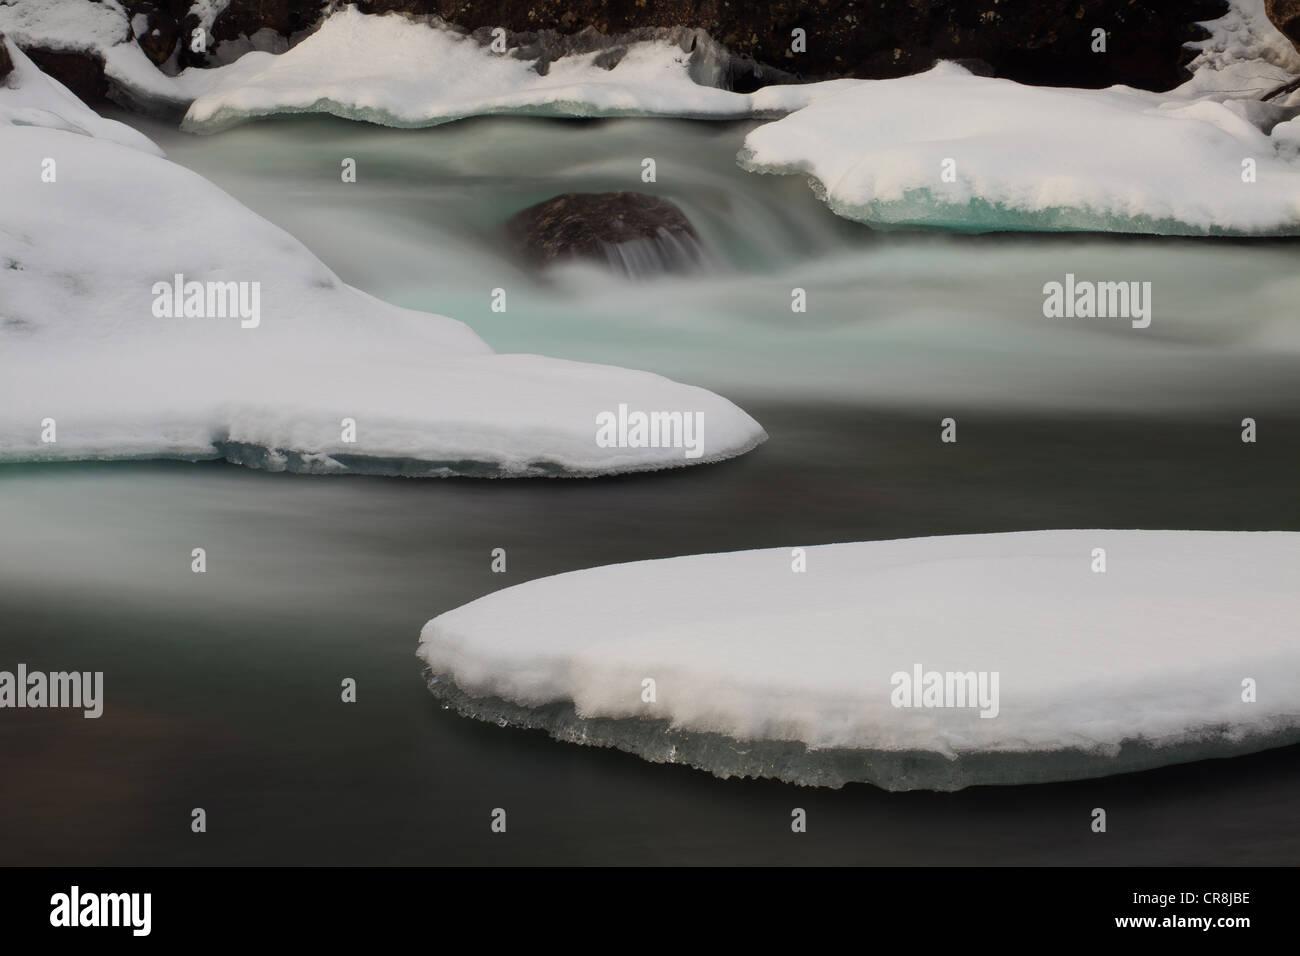 La neige et la glace dans la rivière Rauma, vallée de Romsdalen, Møre og Romsdal (Norvège). Photo Stock